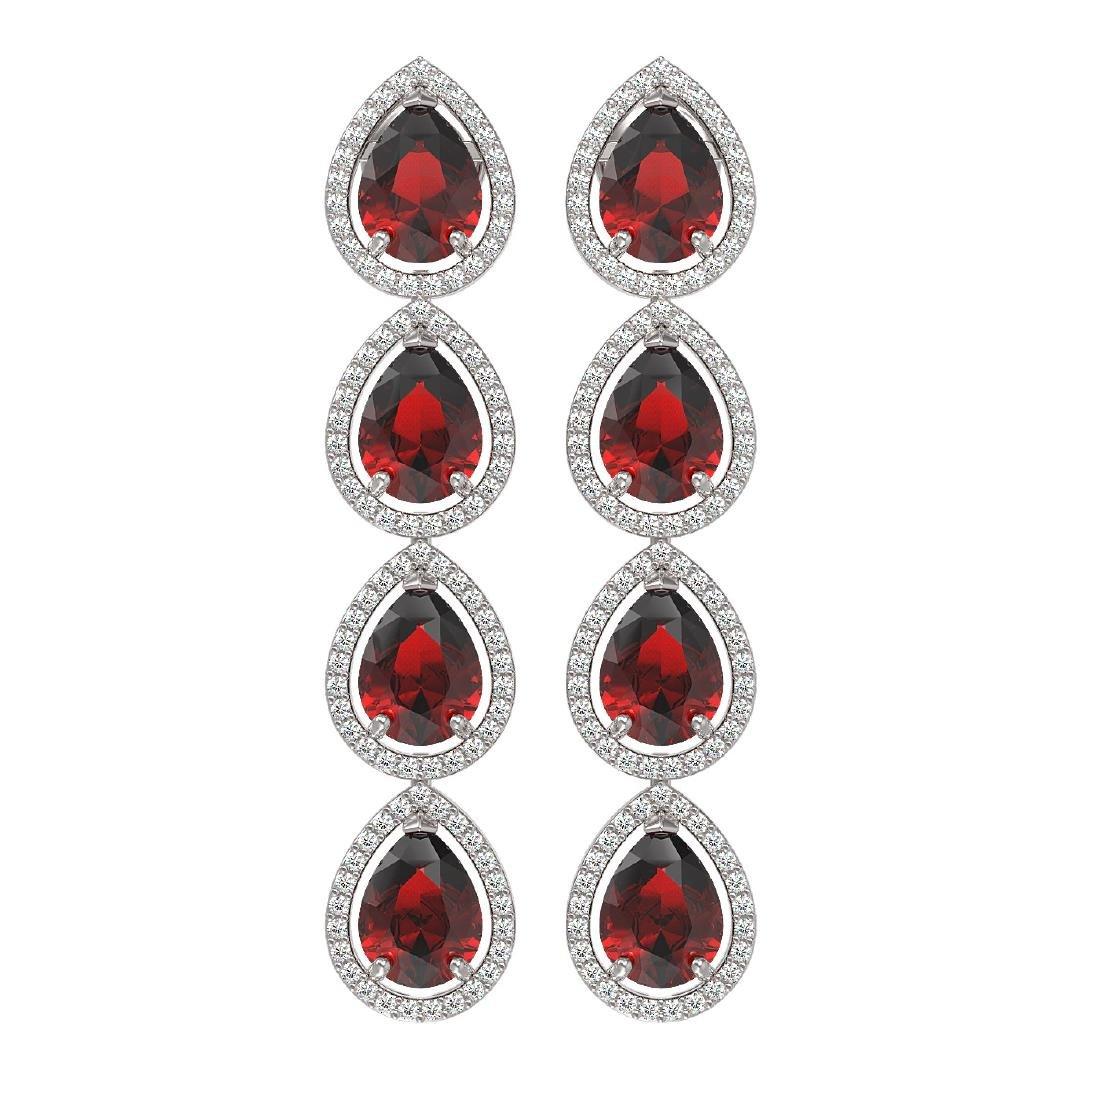 9.25 CTW Garnet & Diamond Halo Earrings 10K White Gold